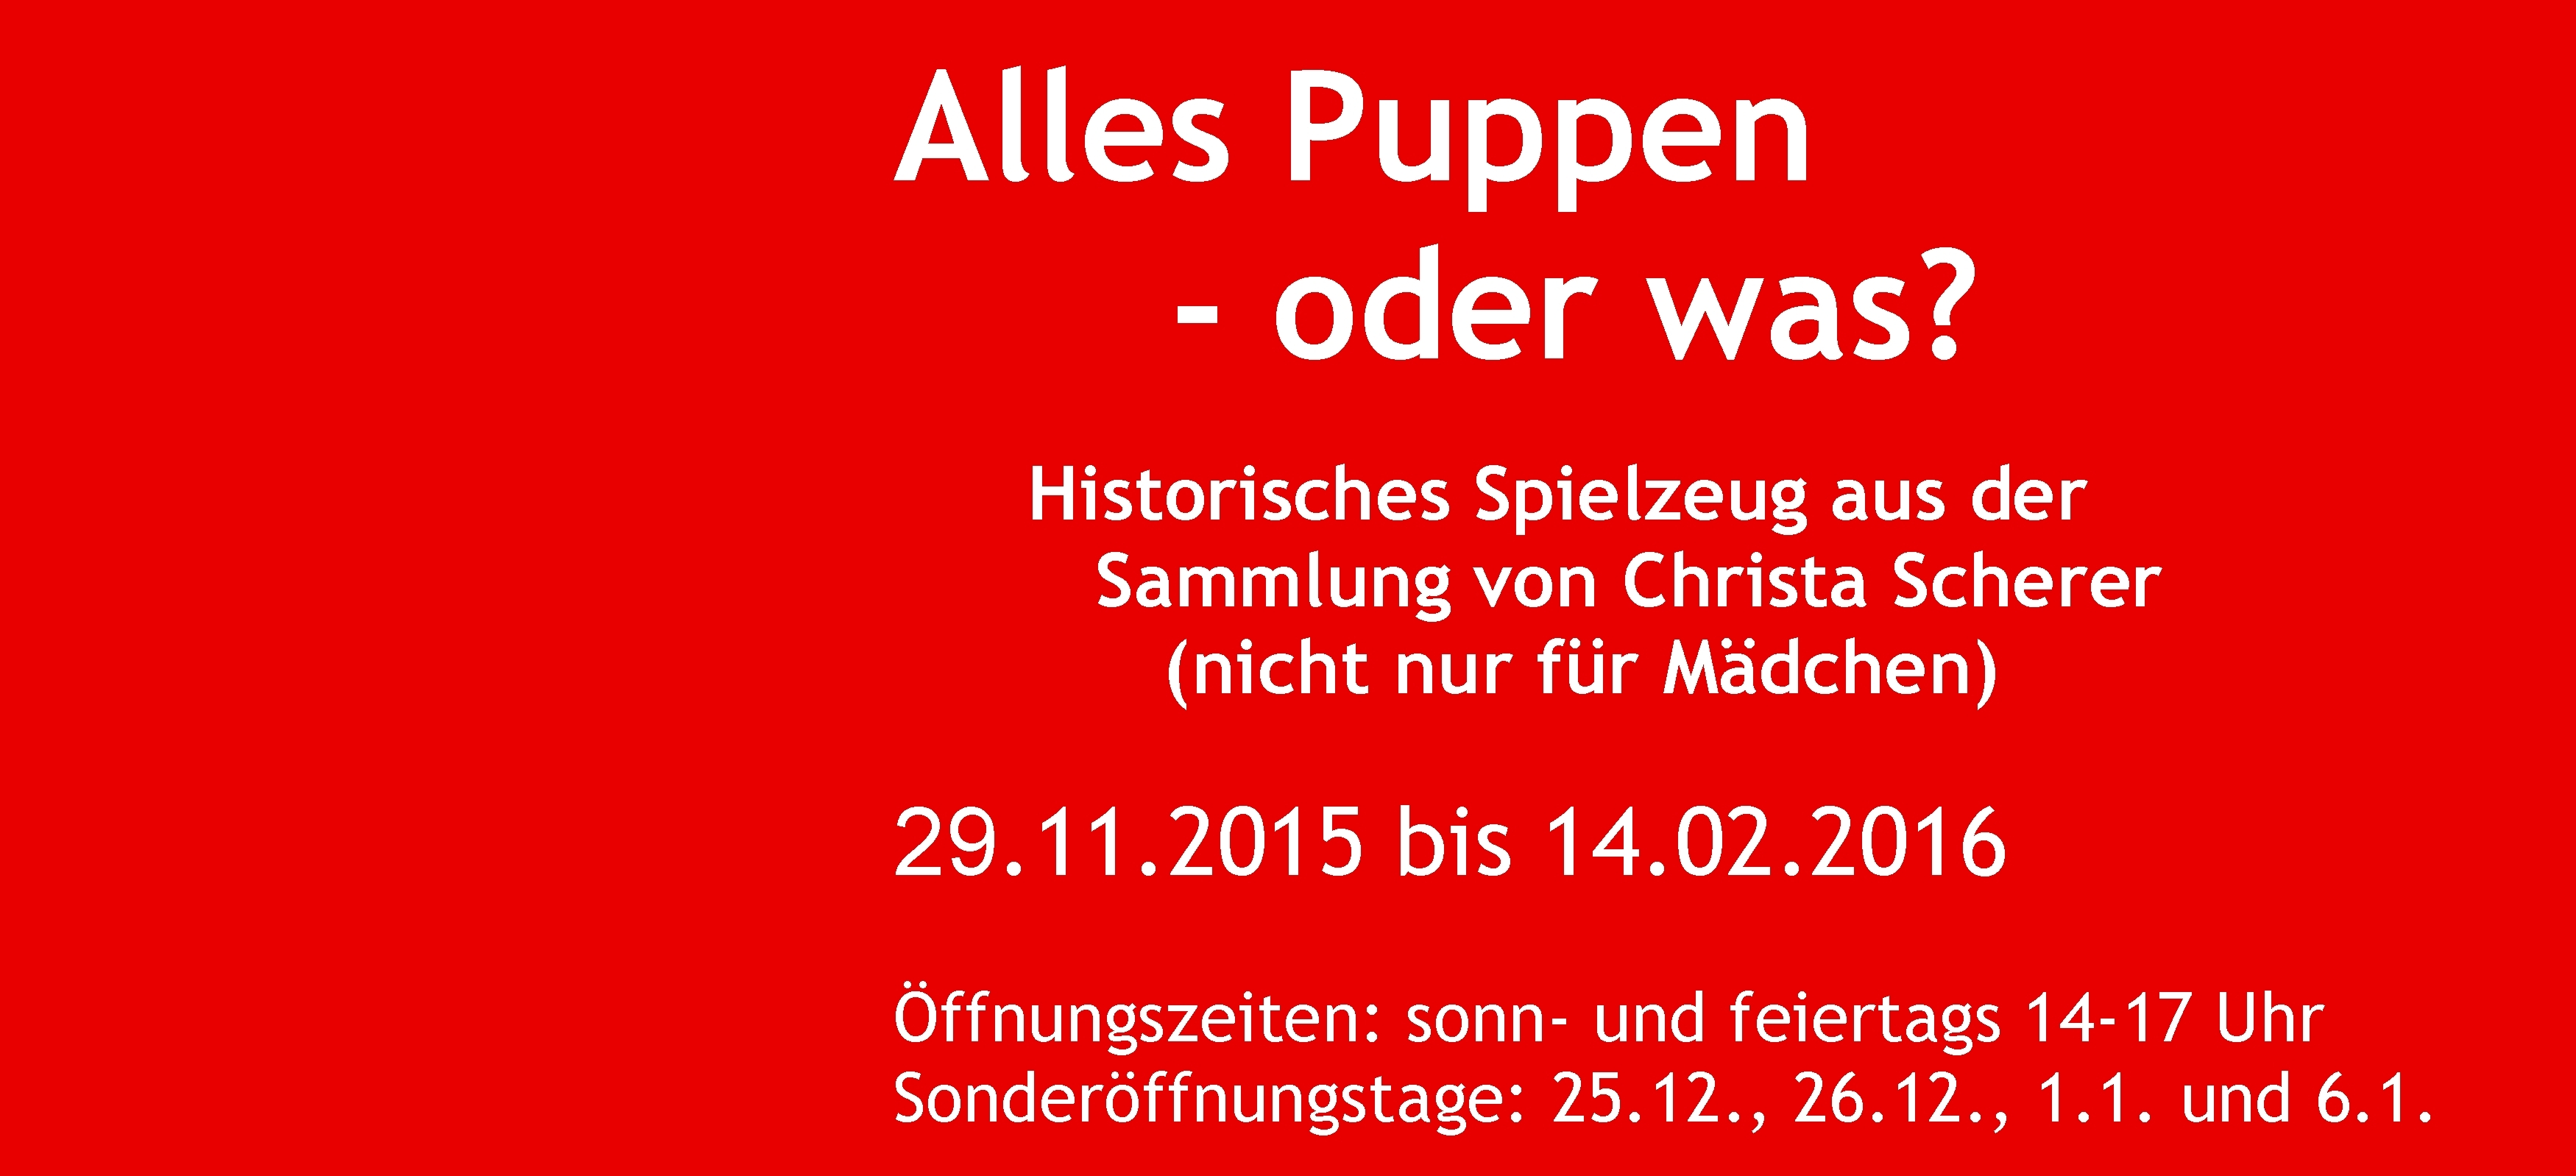 Museum-Soeflingen-Alles-Puppen-2